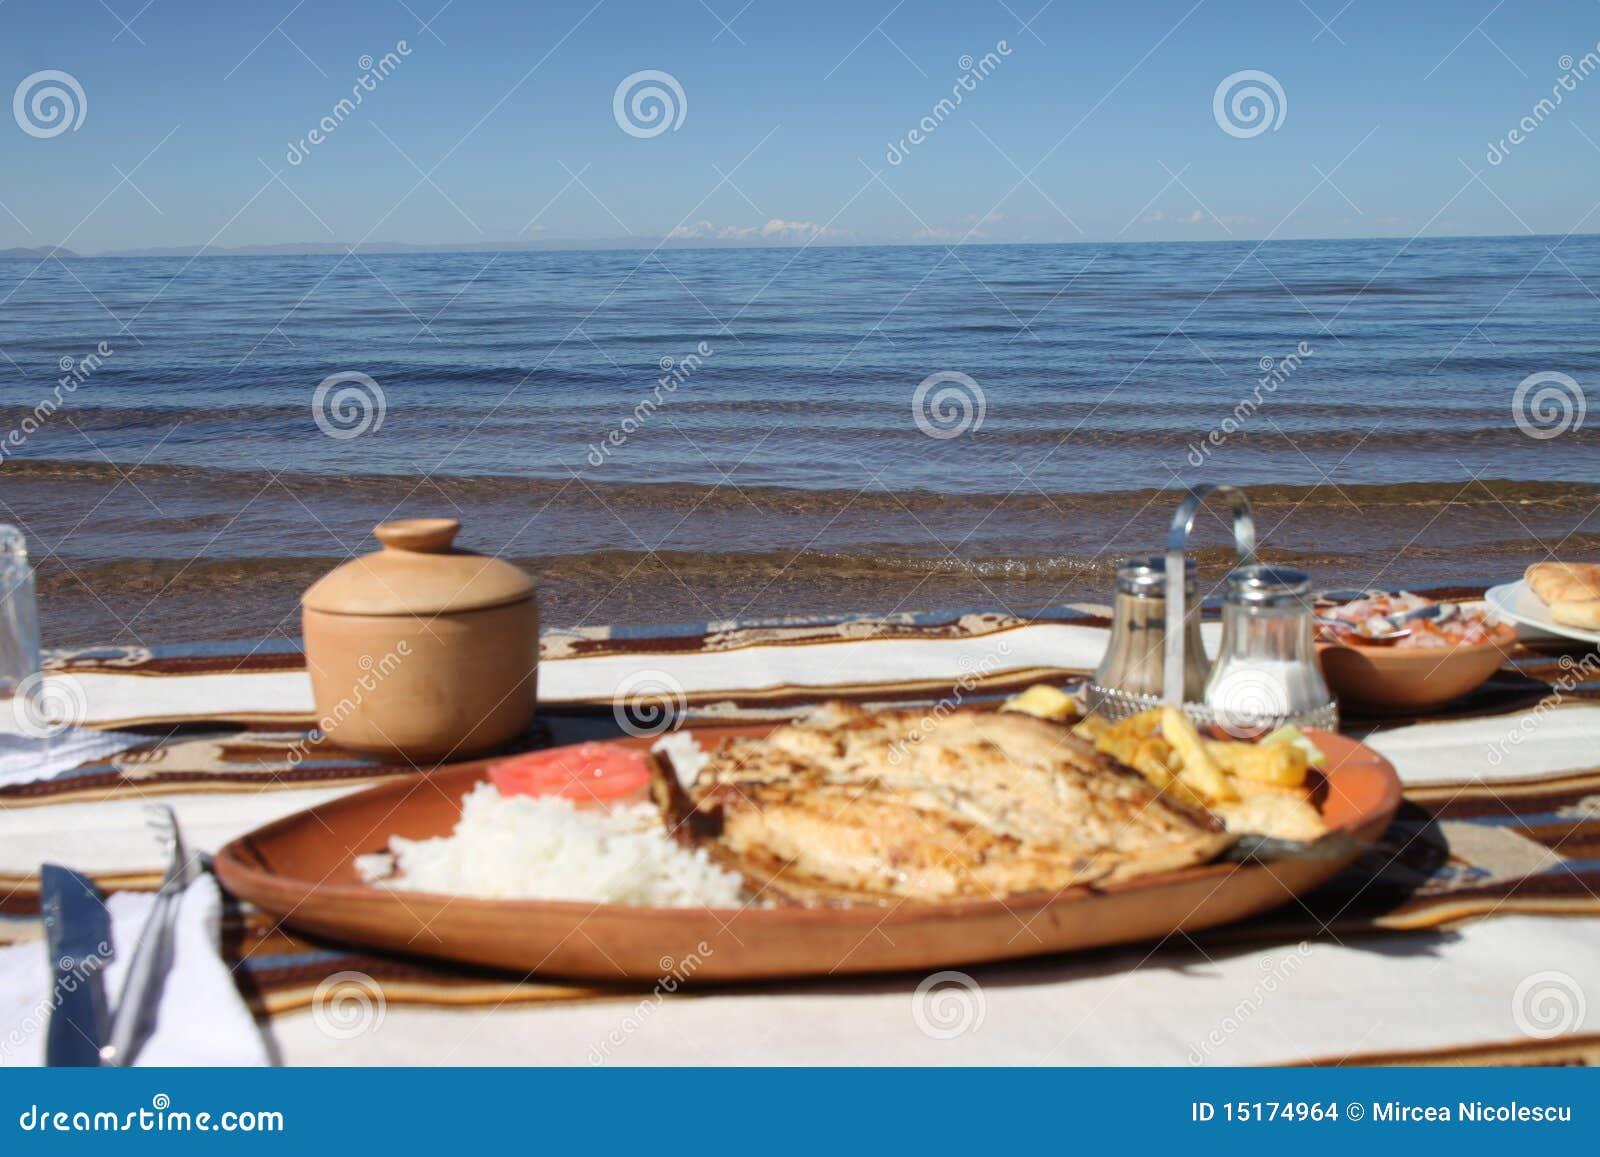 De lunch van de forel